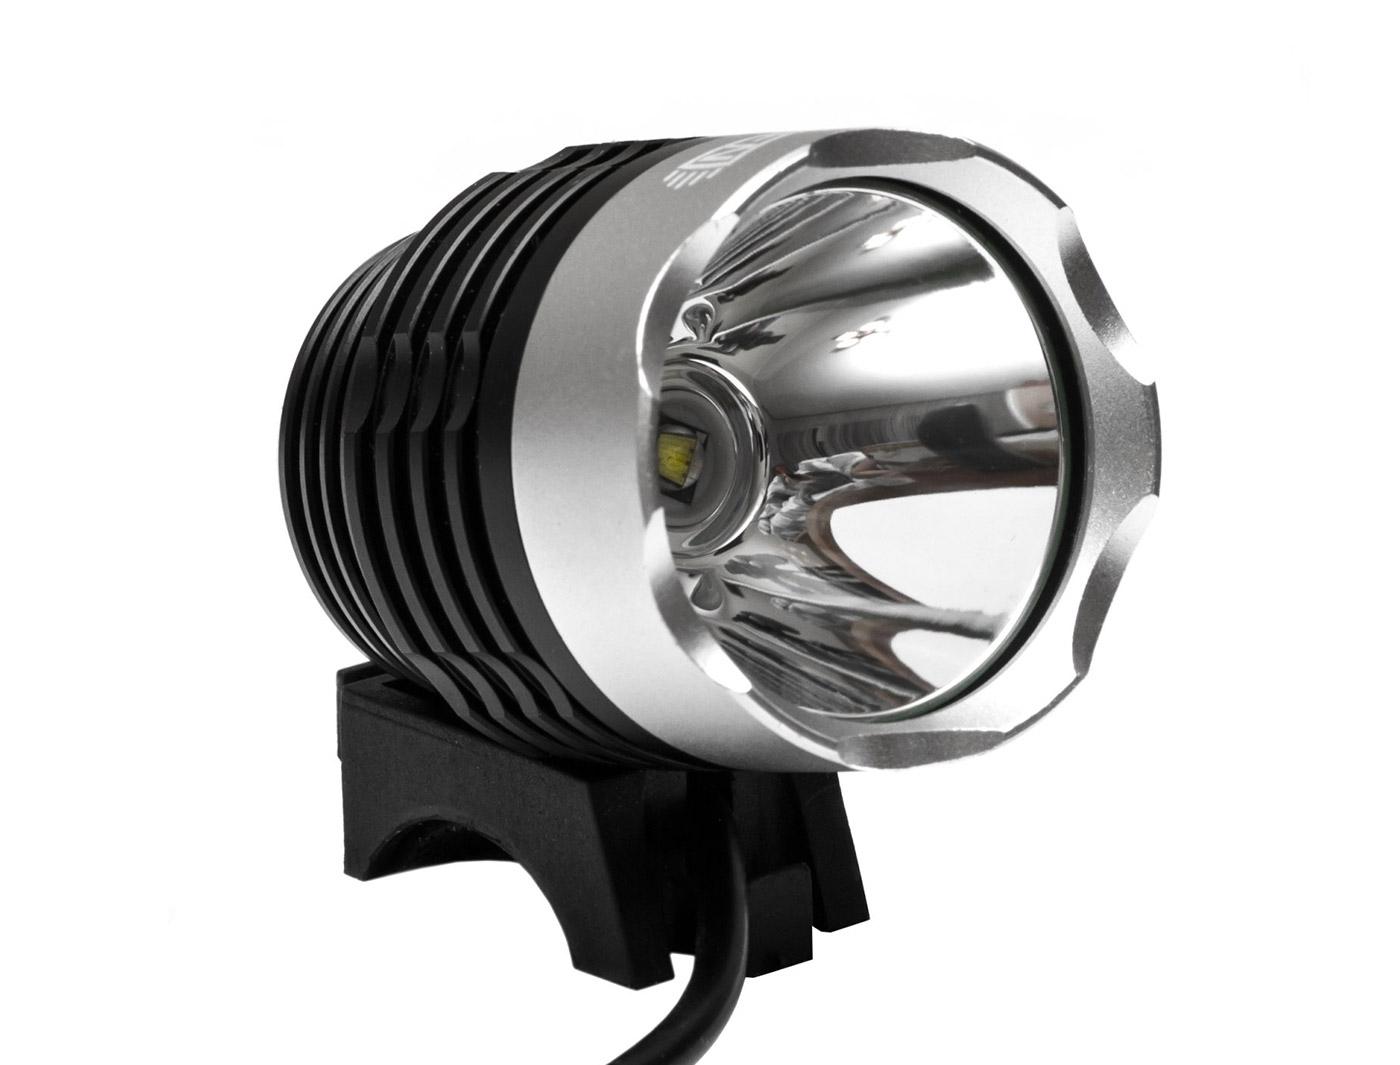 Фонарь передний Lumen 301, 1200 lumens, Cree XML-T6, черный